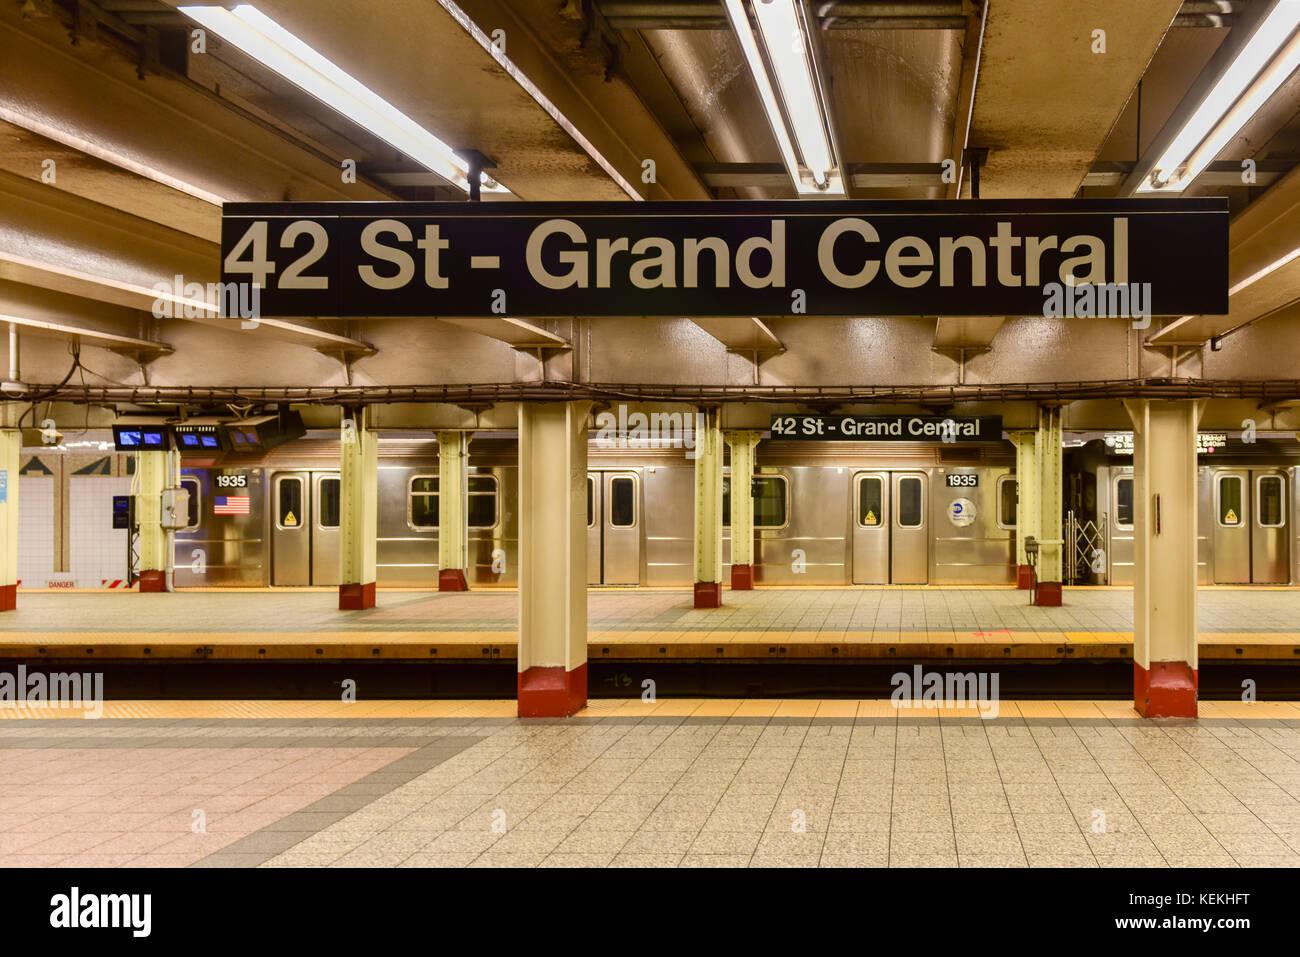 New York City - ottobre 14, 2017: 42 st - grand central la stazione della metropolitana di New York City. Foto Stock